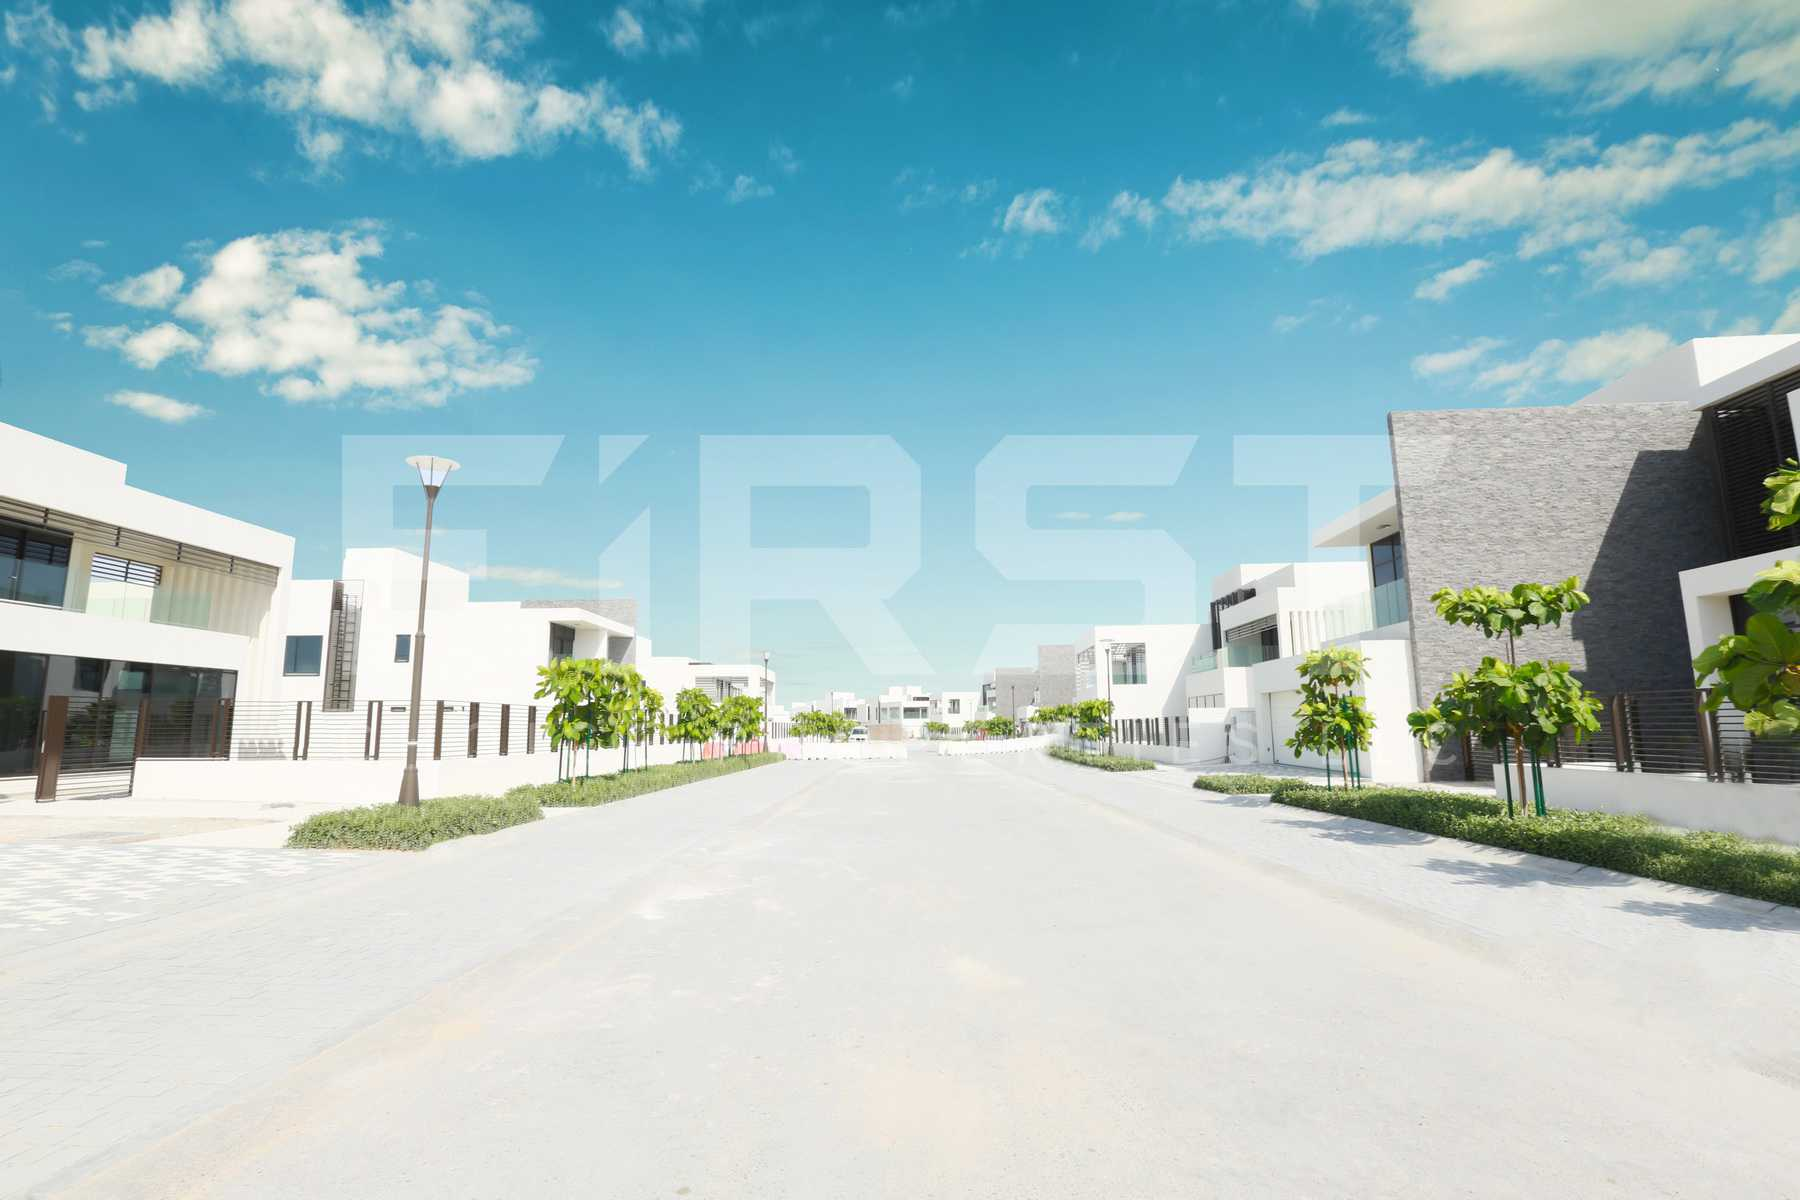 External Photo of 4 Bedroom Villa in Jawaher Saadiyat Saadiyat Island Abu Dhabi UAE (2).jpg